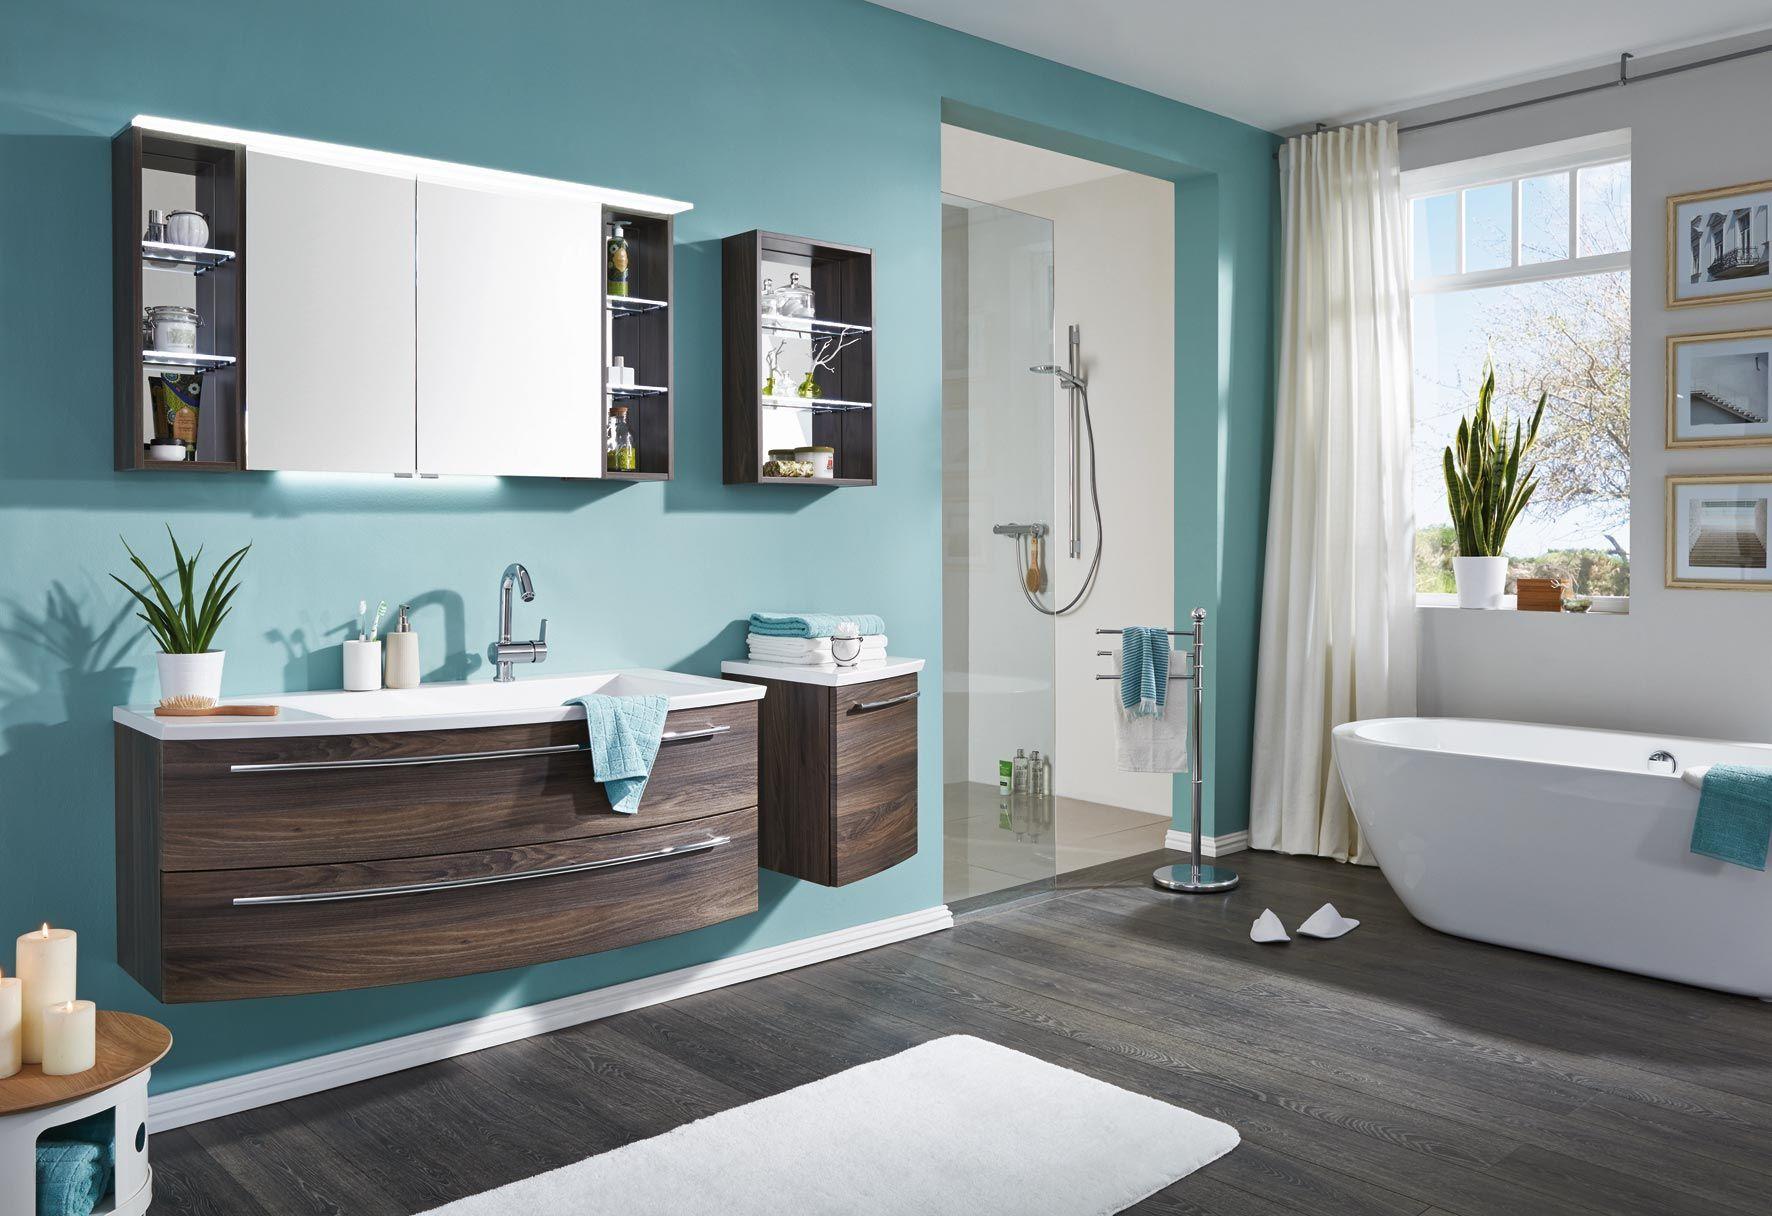 meuble de salle de bain cedam gamme crescendo laissez vous seduire par le galbe asymetrique de ce modele meuble salledebain sdb vasque bathroom